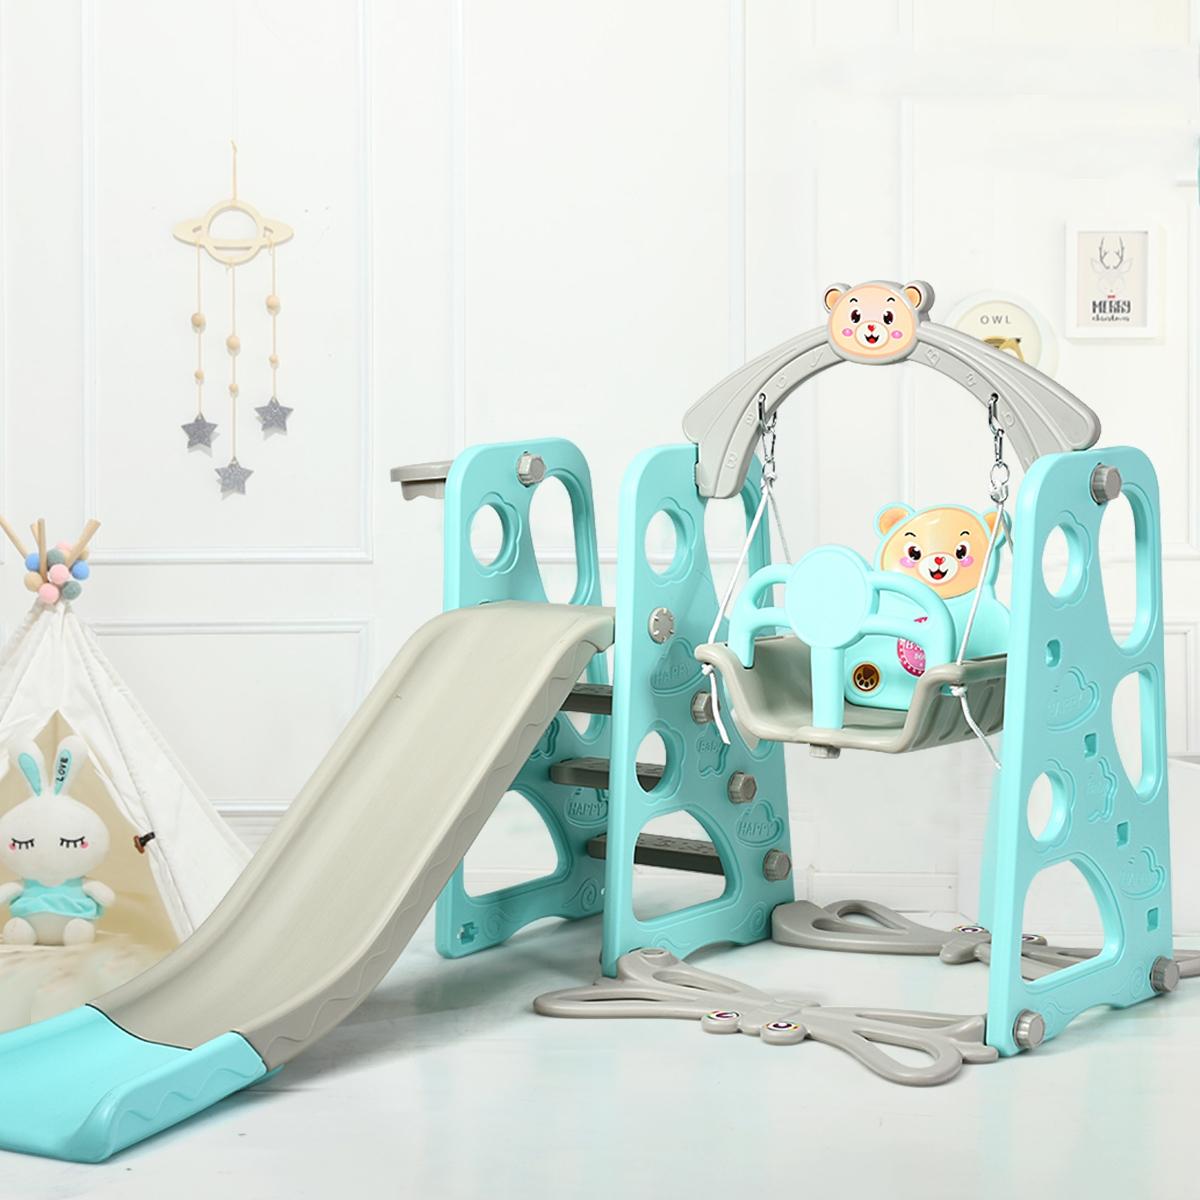 Equipo con Escalera para Escalada y Columpio para Niños Equipo 4 en 1 con Tobogán y Canasta para Jardín y Parque Infantil de Interior y Exteri